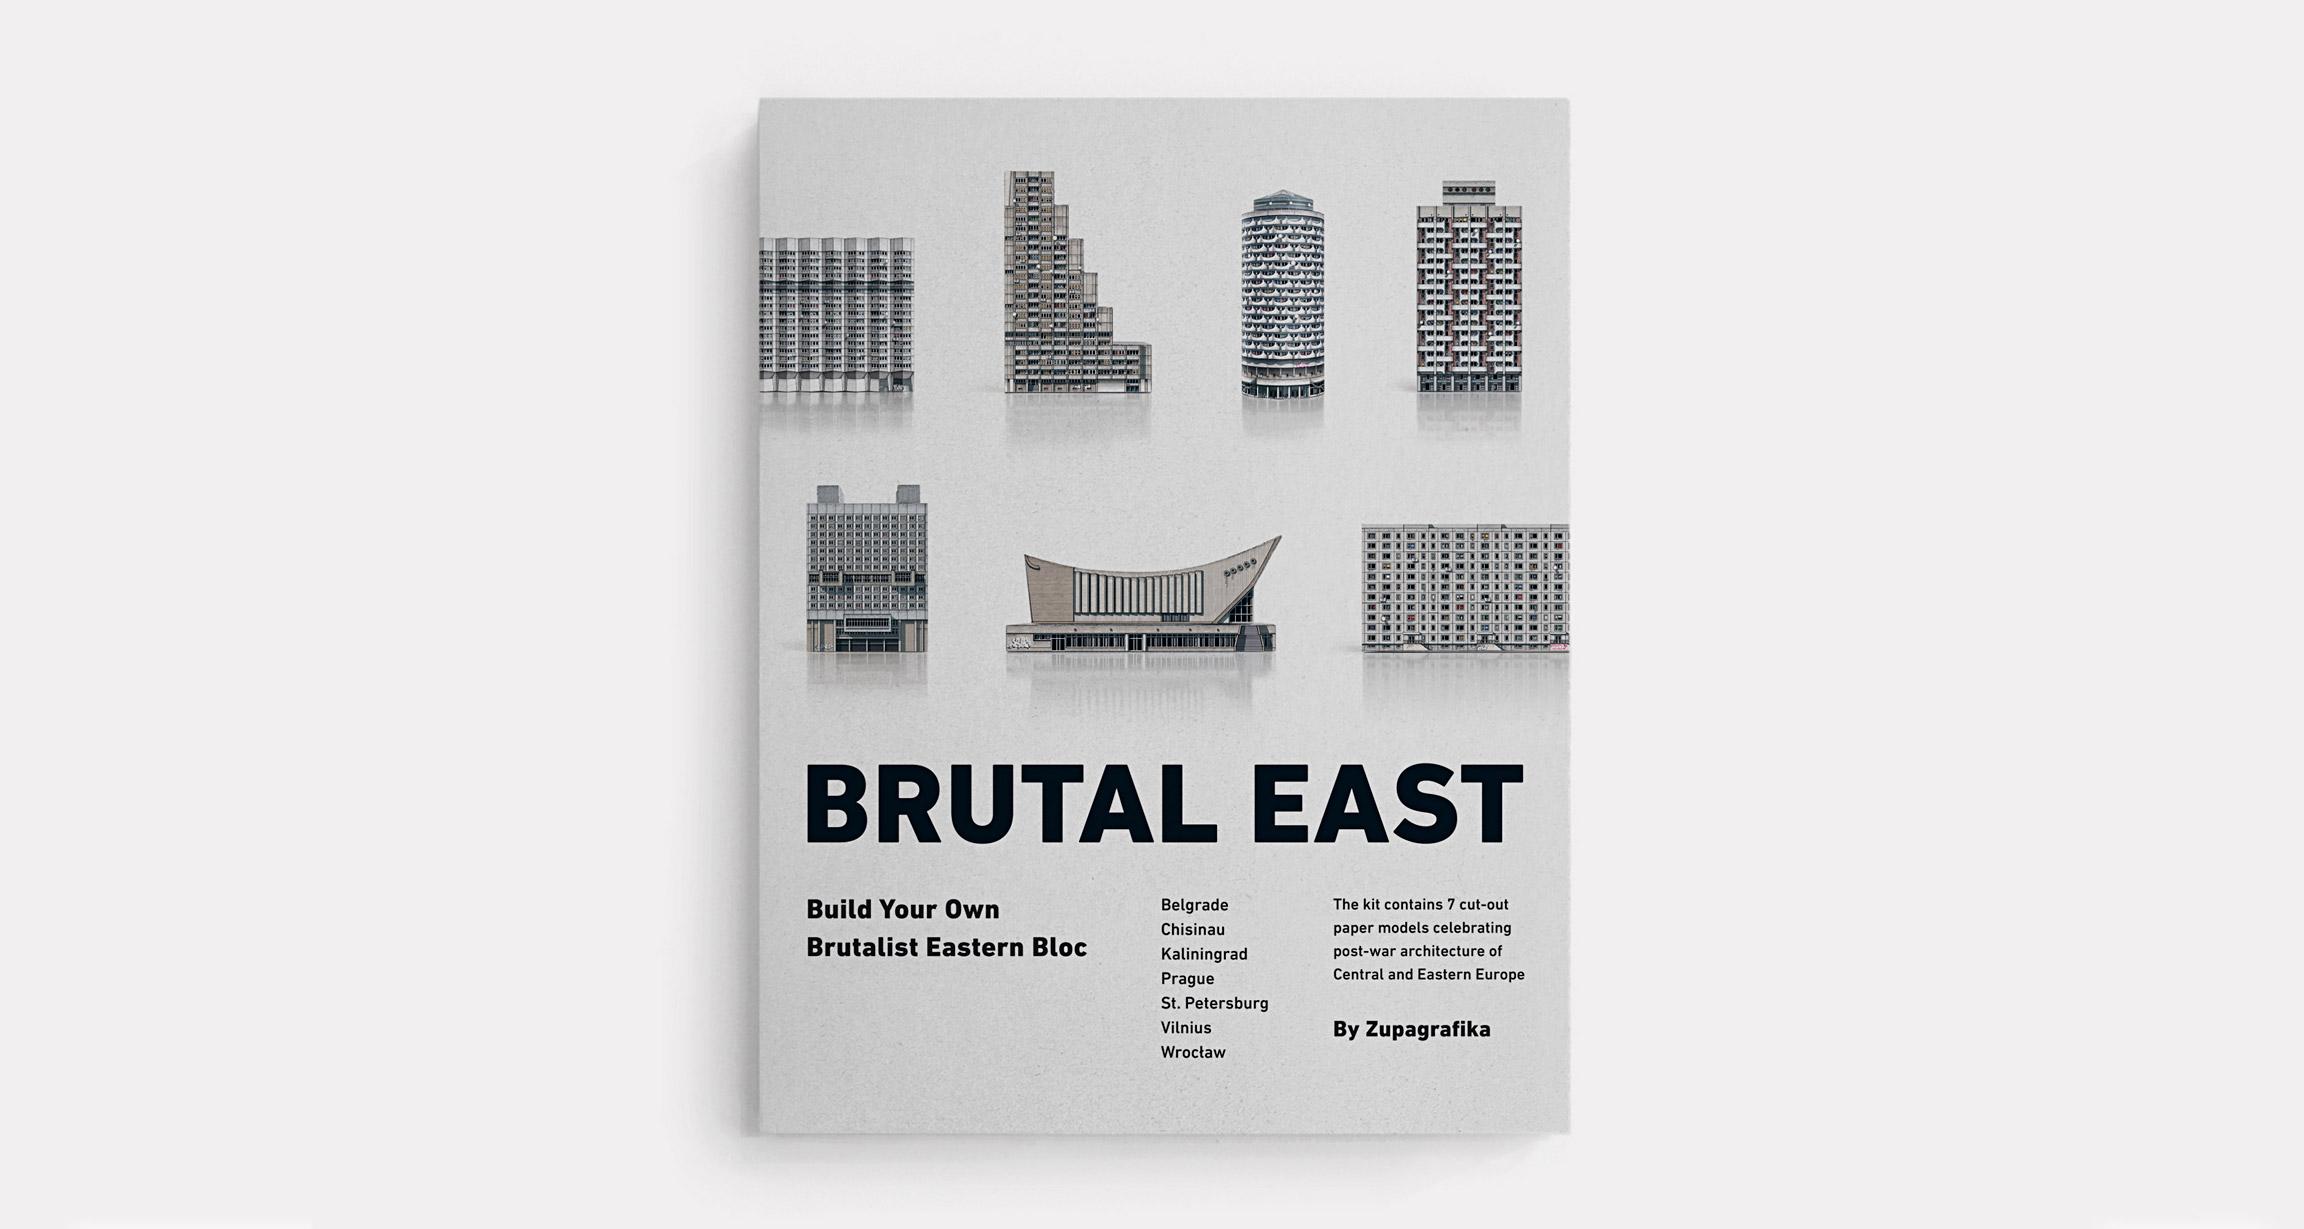 Brutal East: Build Your Own Brutalist Estern Bloc